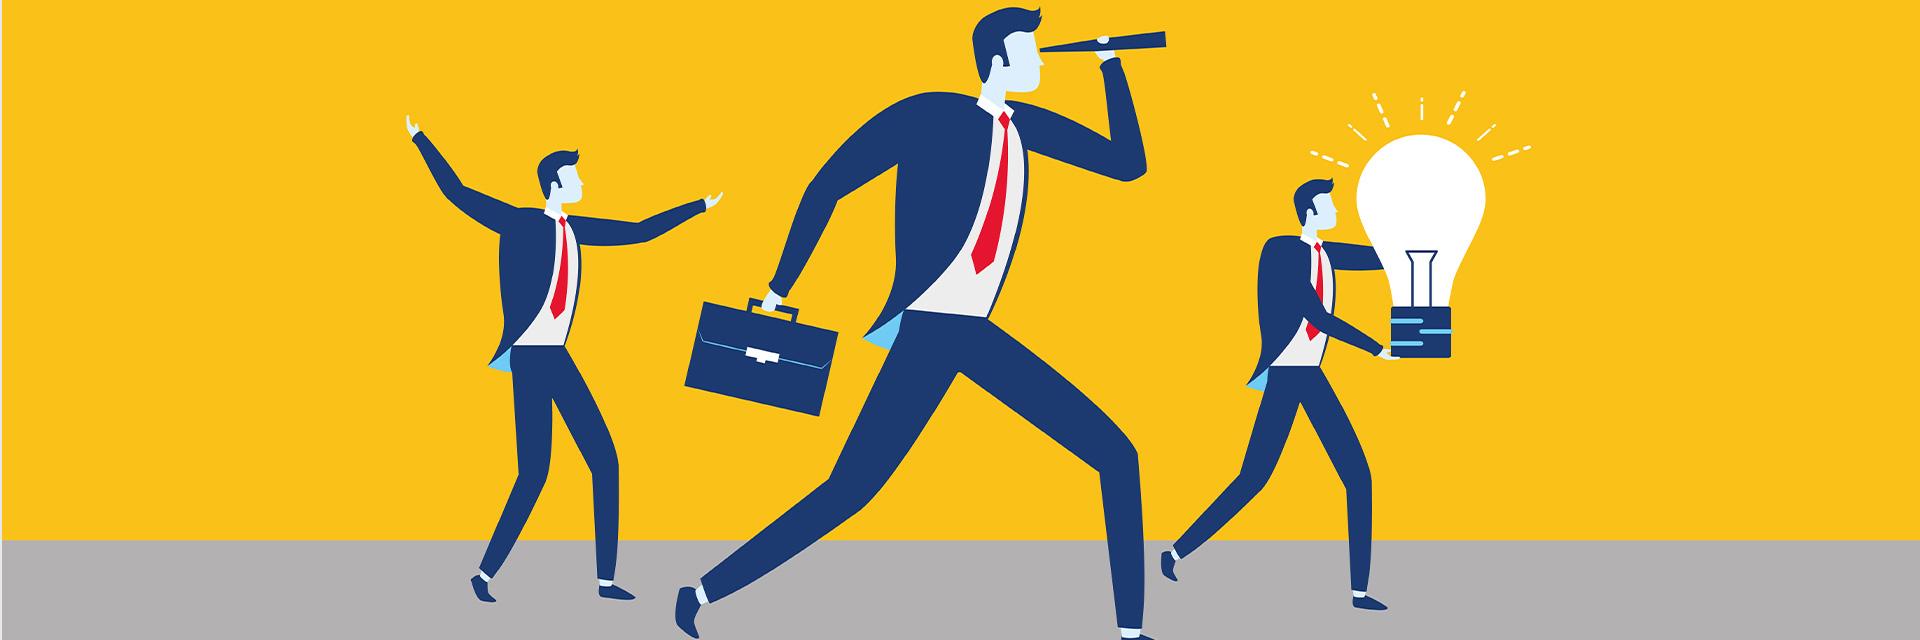 Марк цукерберг спрогнозировал значительное уменьшение офисов в связи с дополненной реальностью